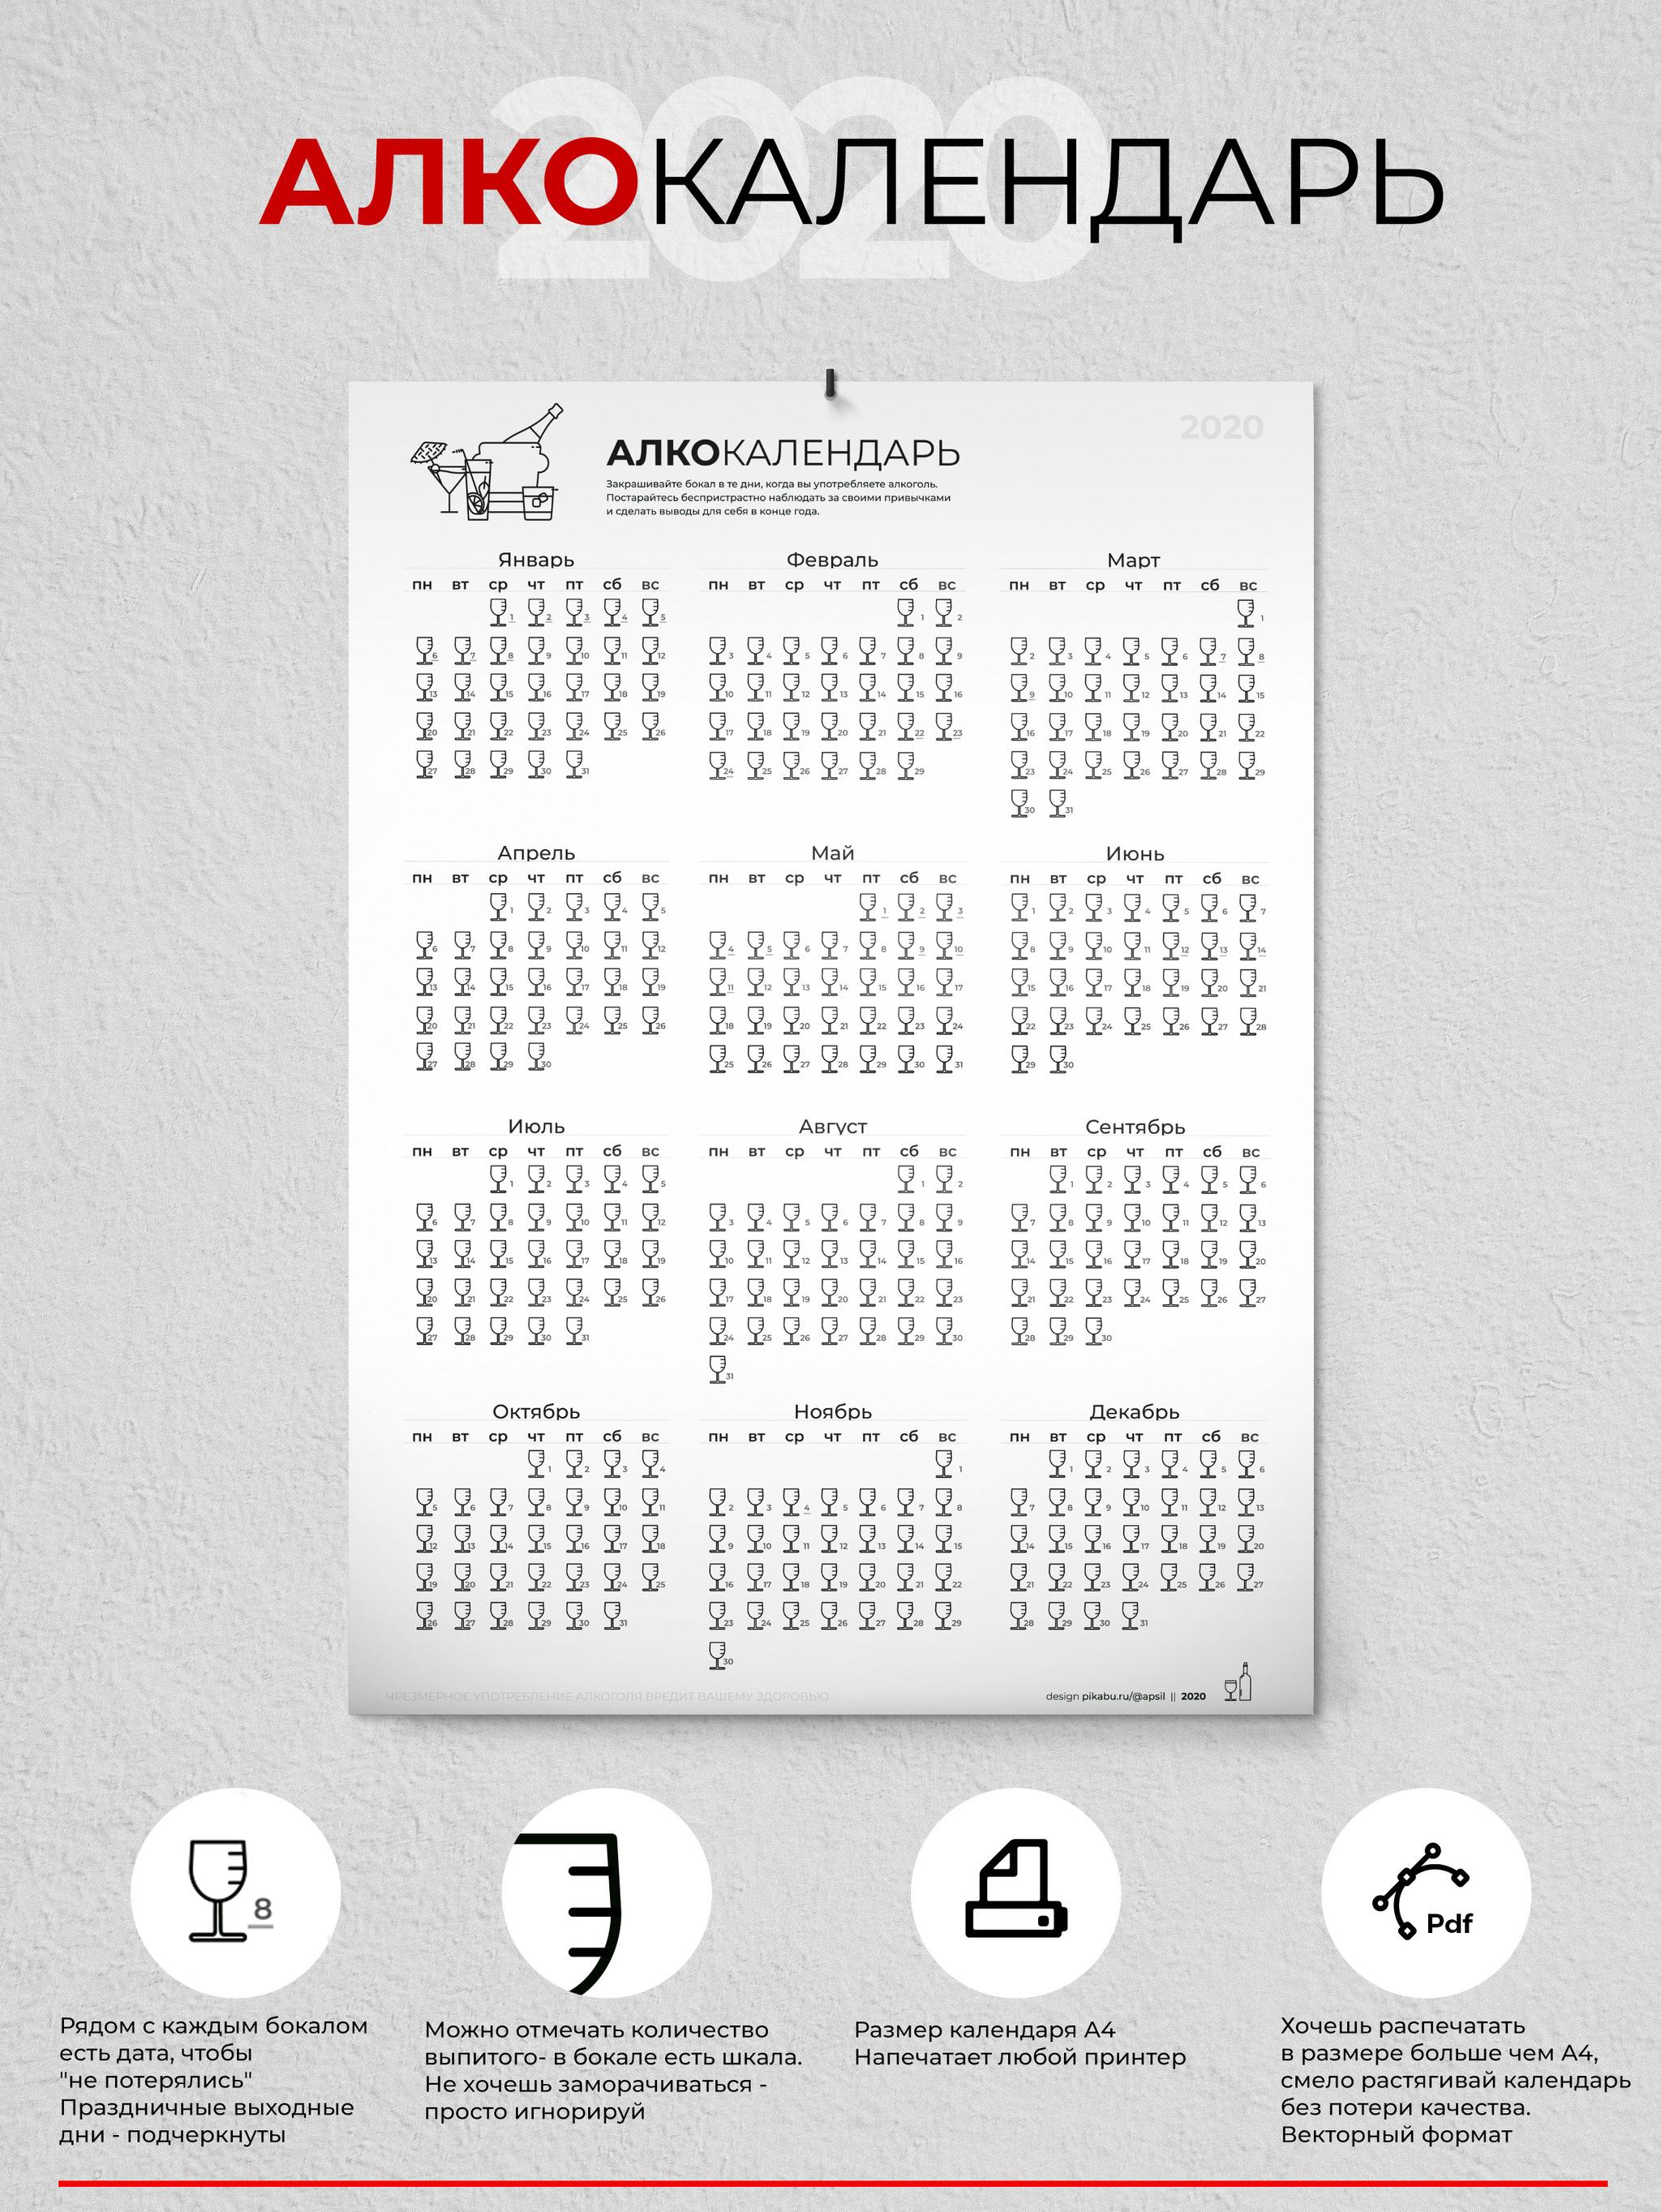 Алко Календарь 2020 pertaining to Calendar 2020 Kuda